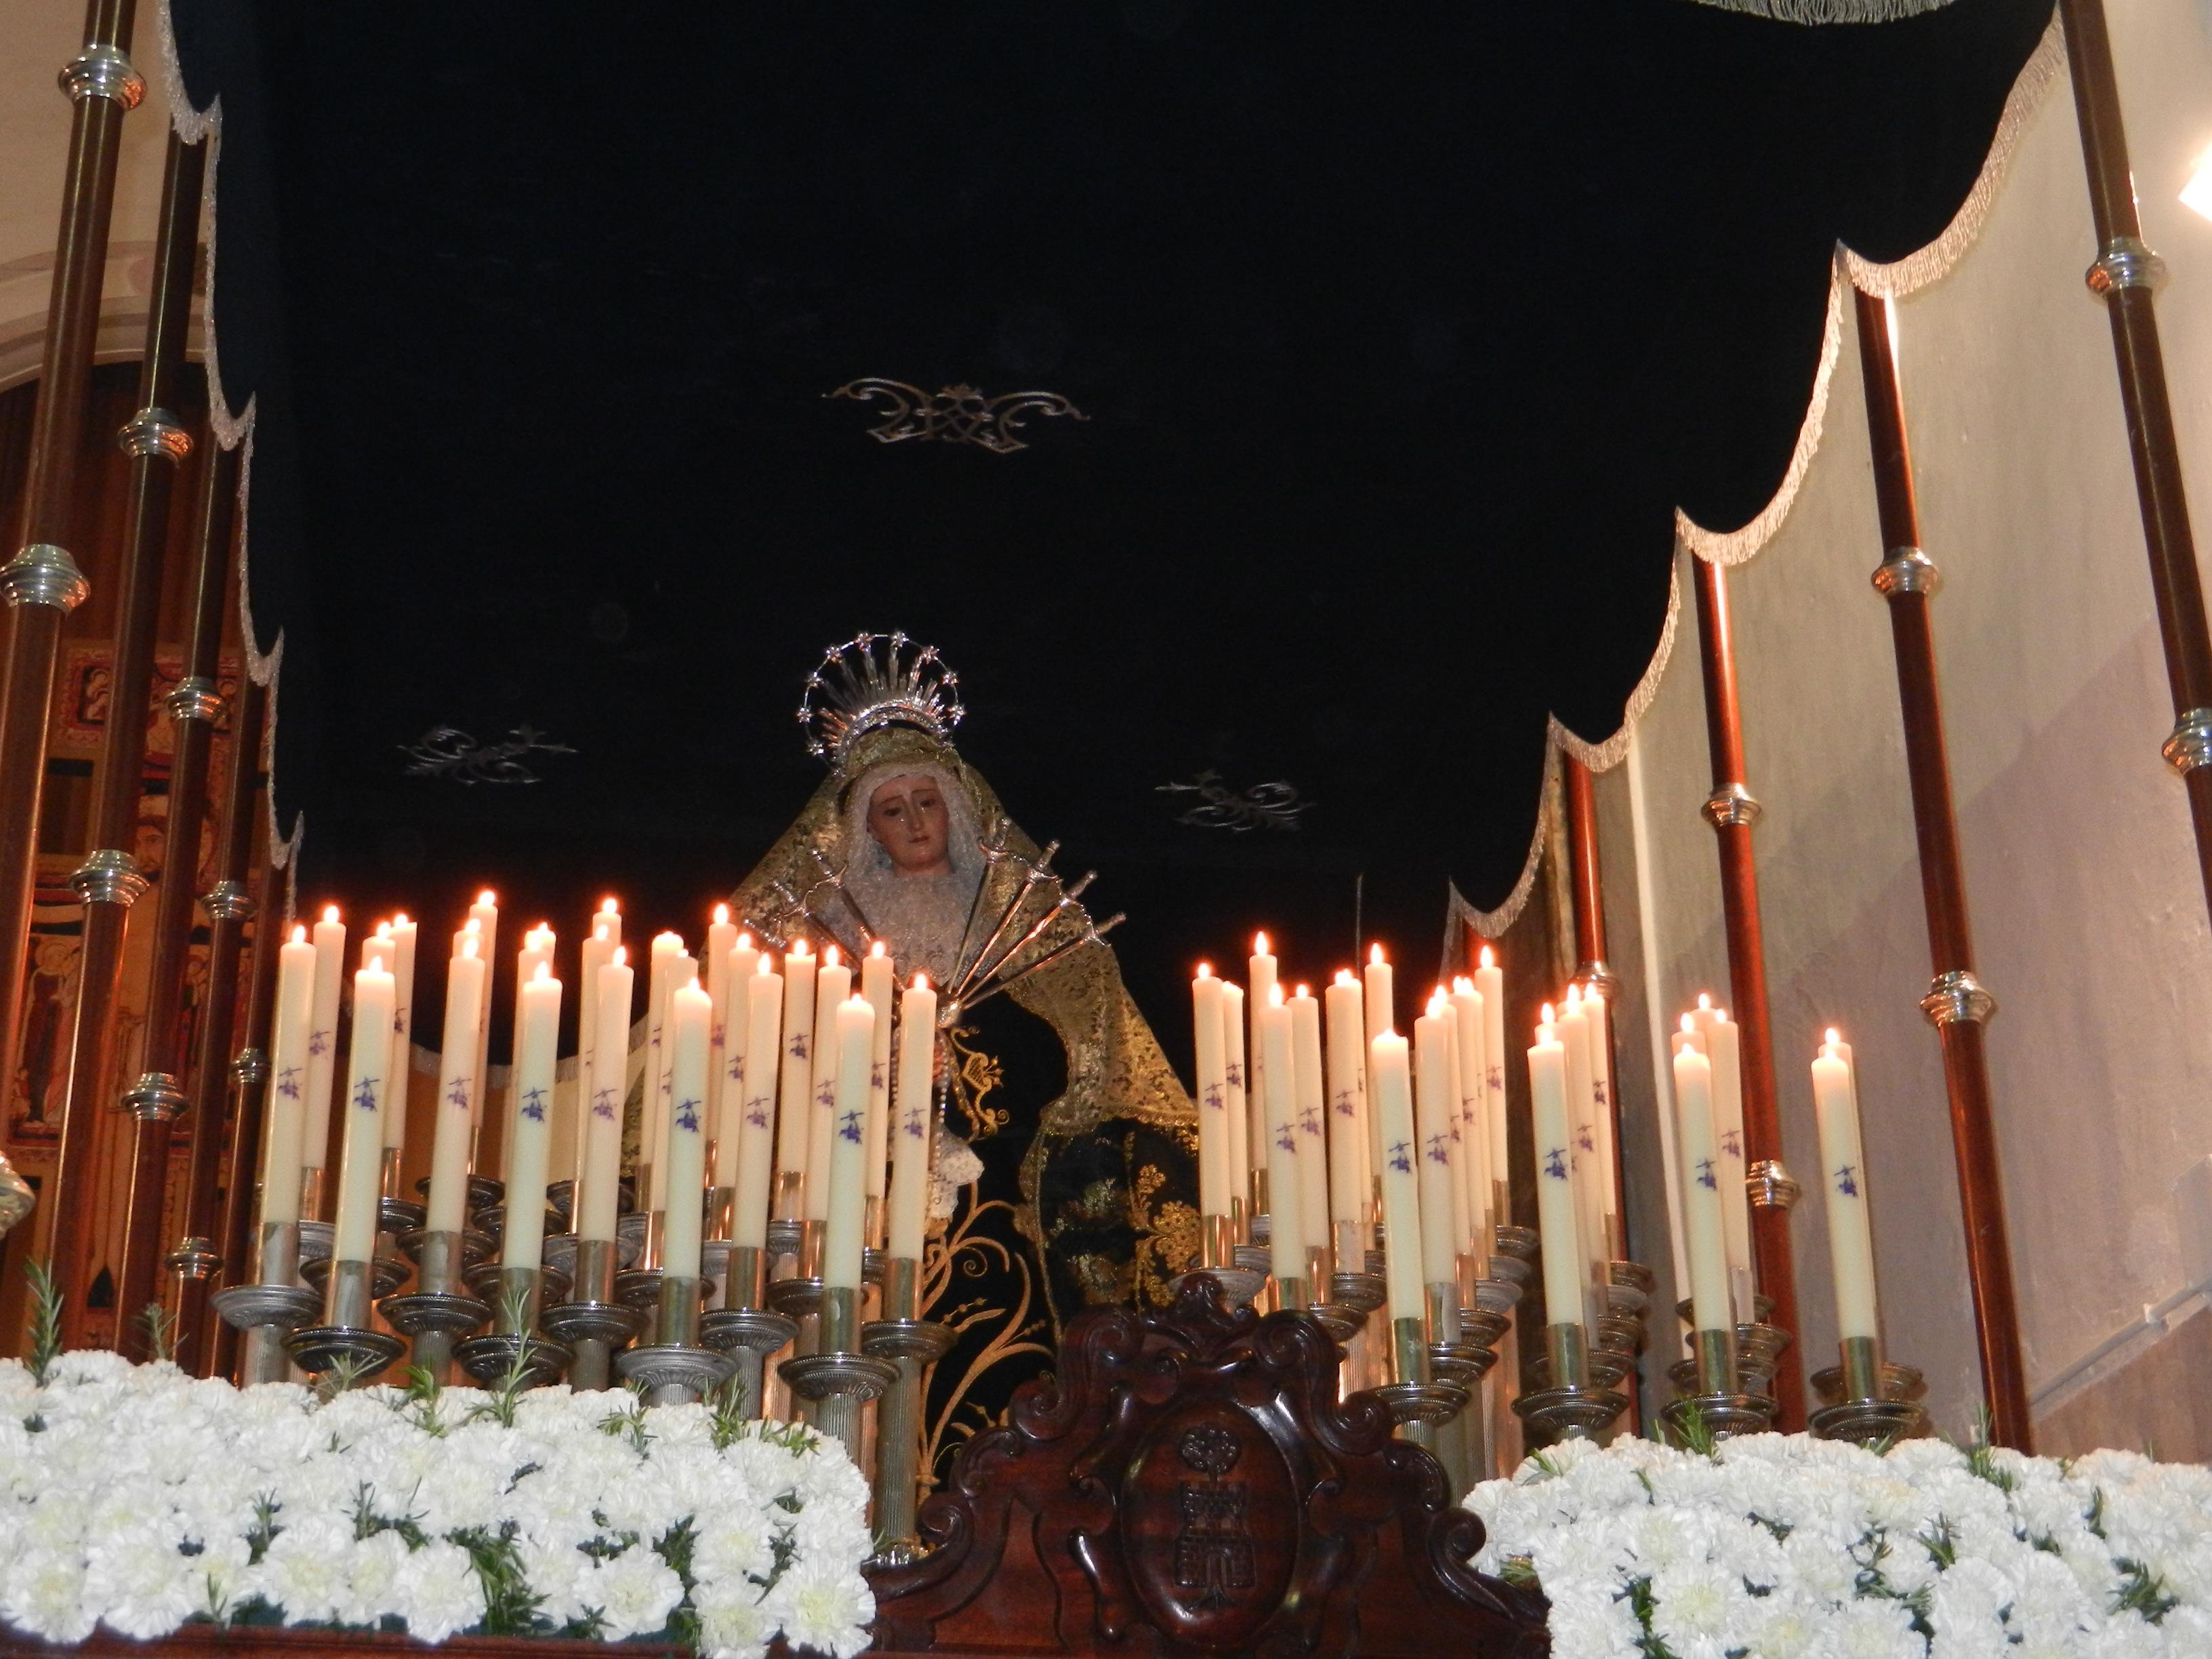 La Santísima Virgen de los Dolores